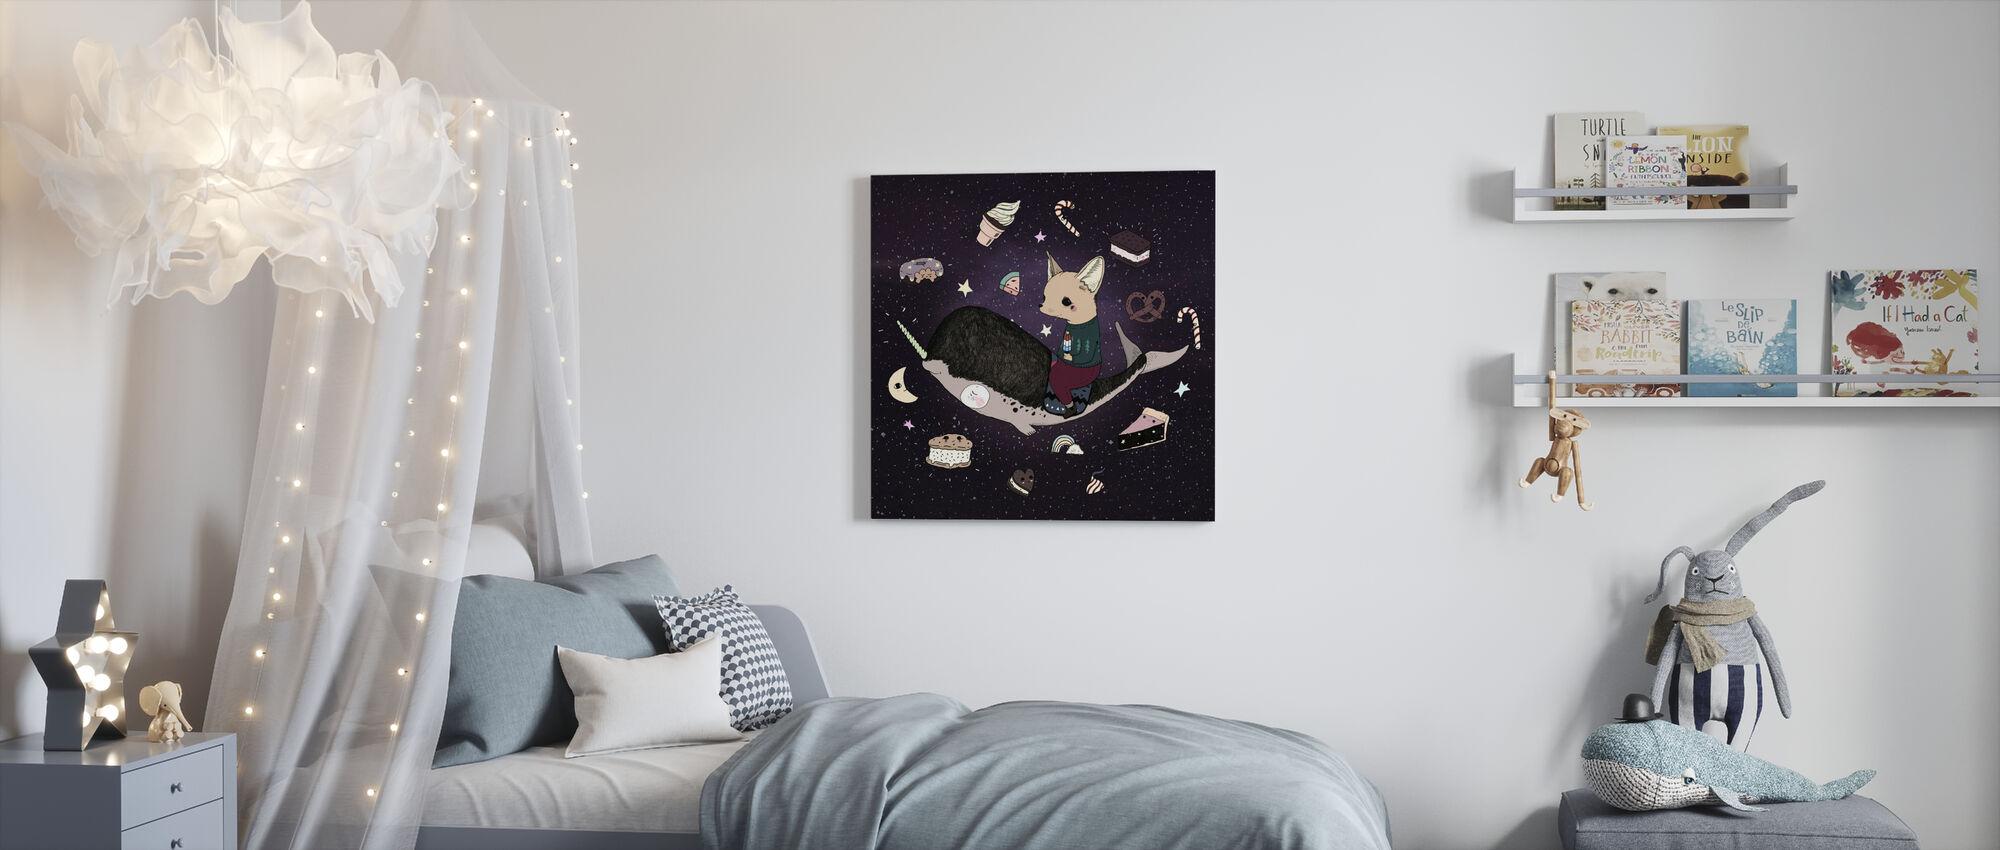 Spazio caramelle - Stampa su tela - Camera dei bambini